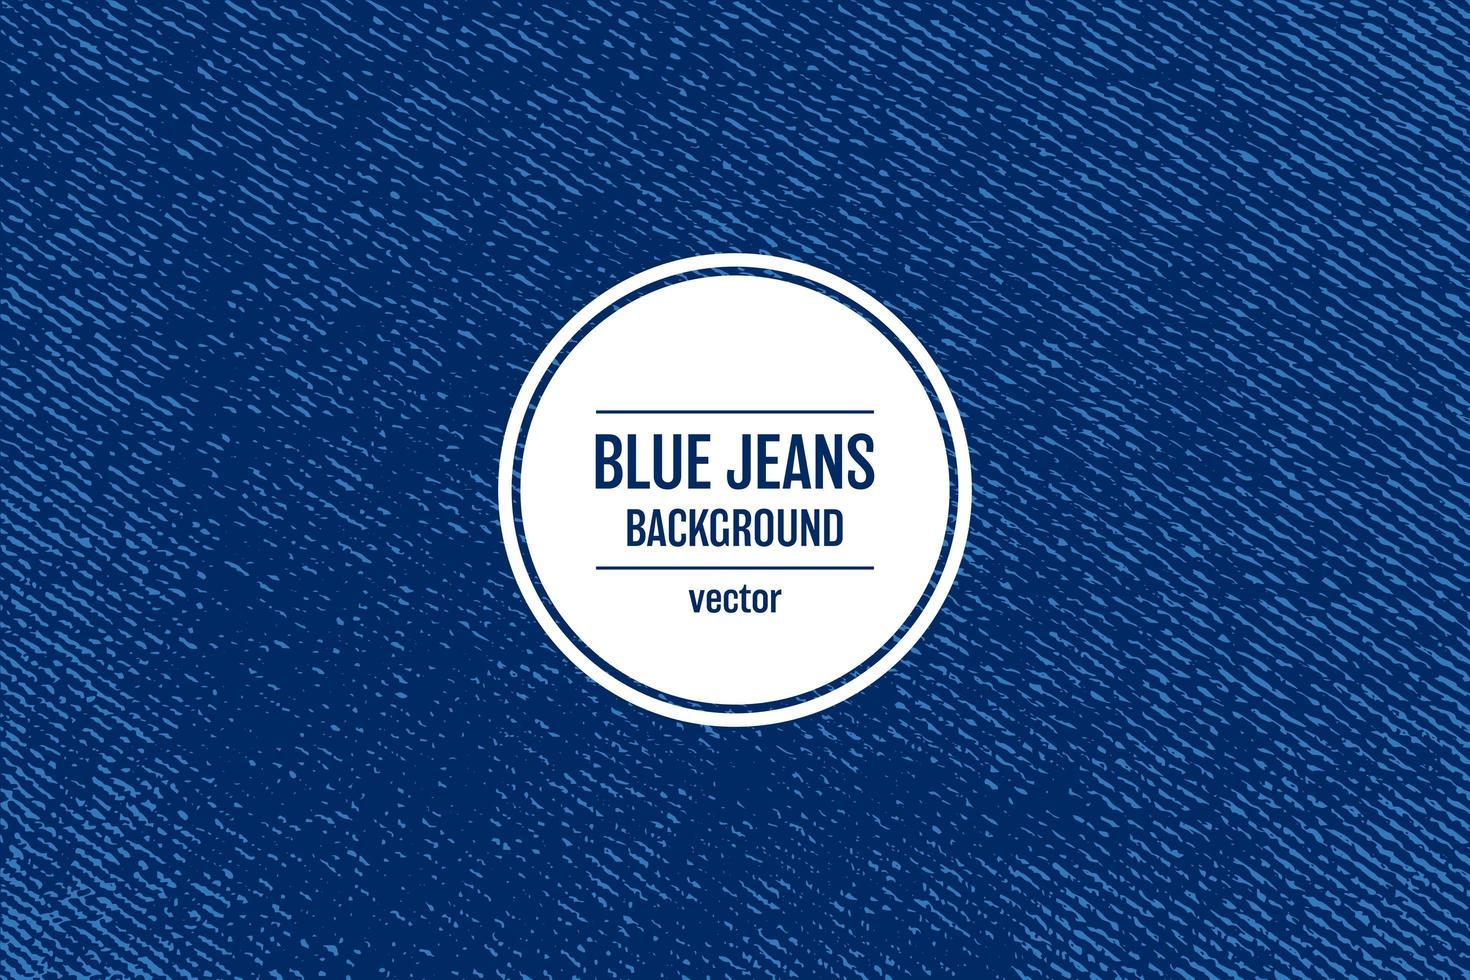 Ilustración de diseño de vector de fondo de textura de jeans